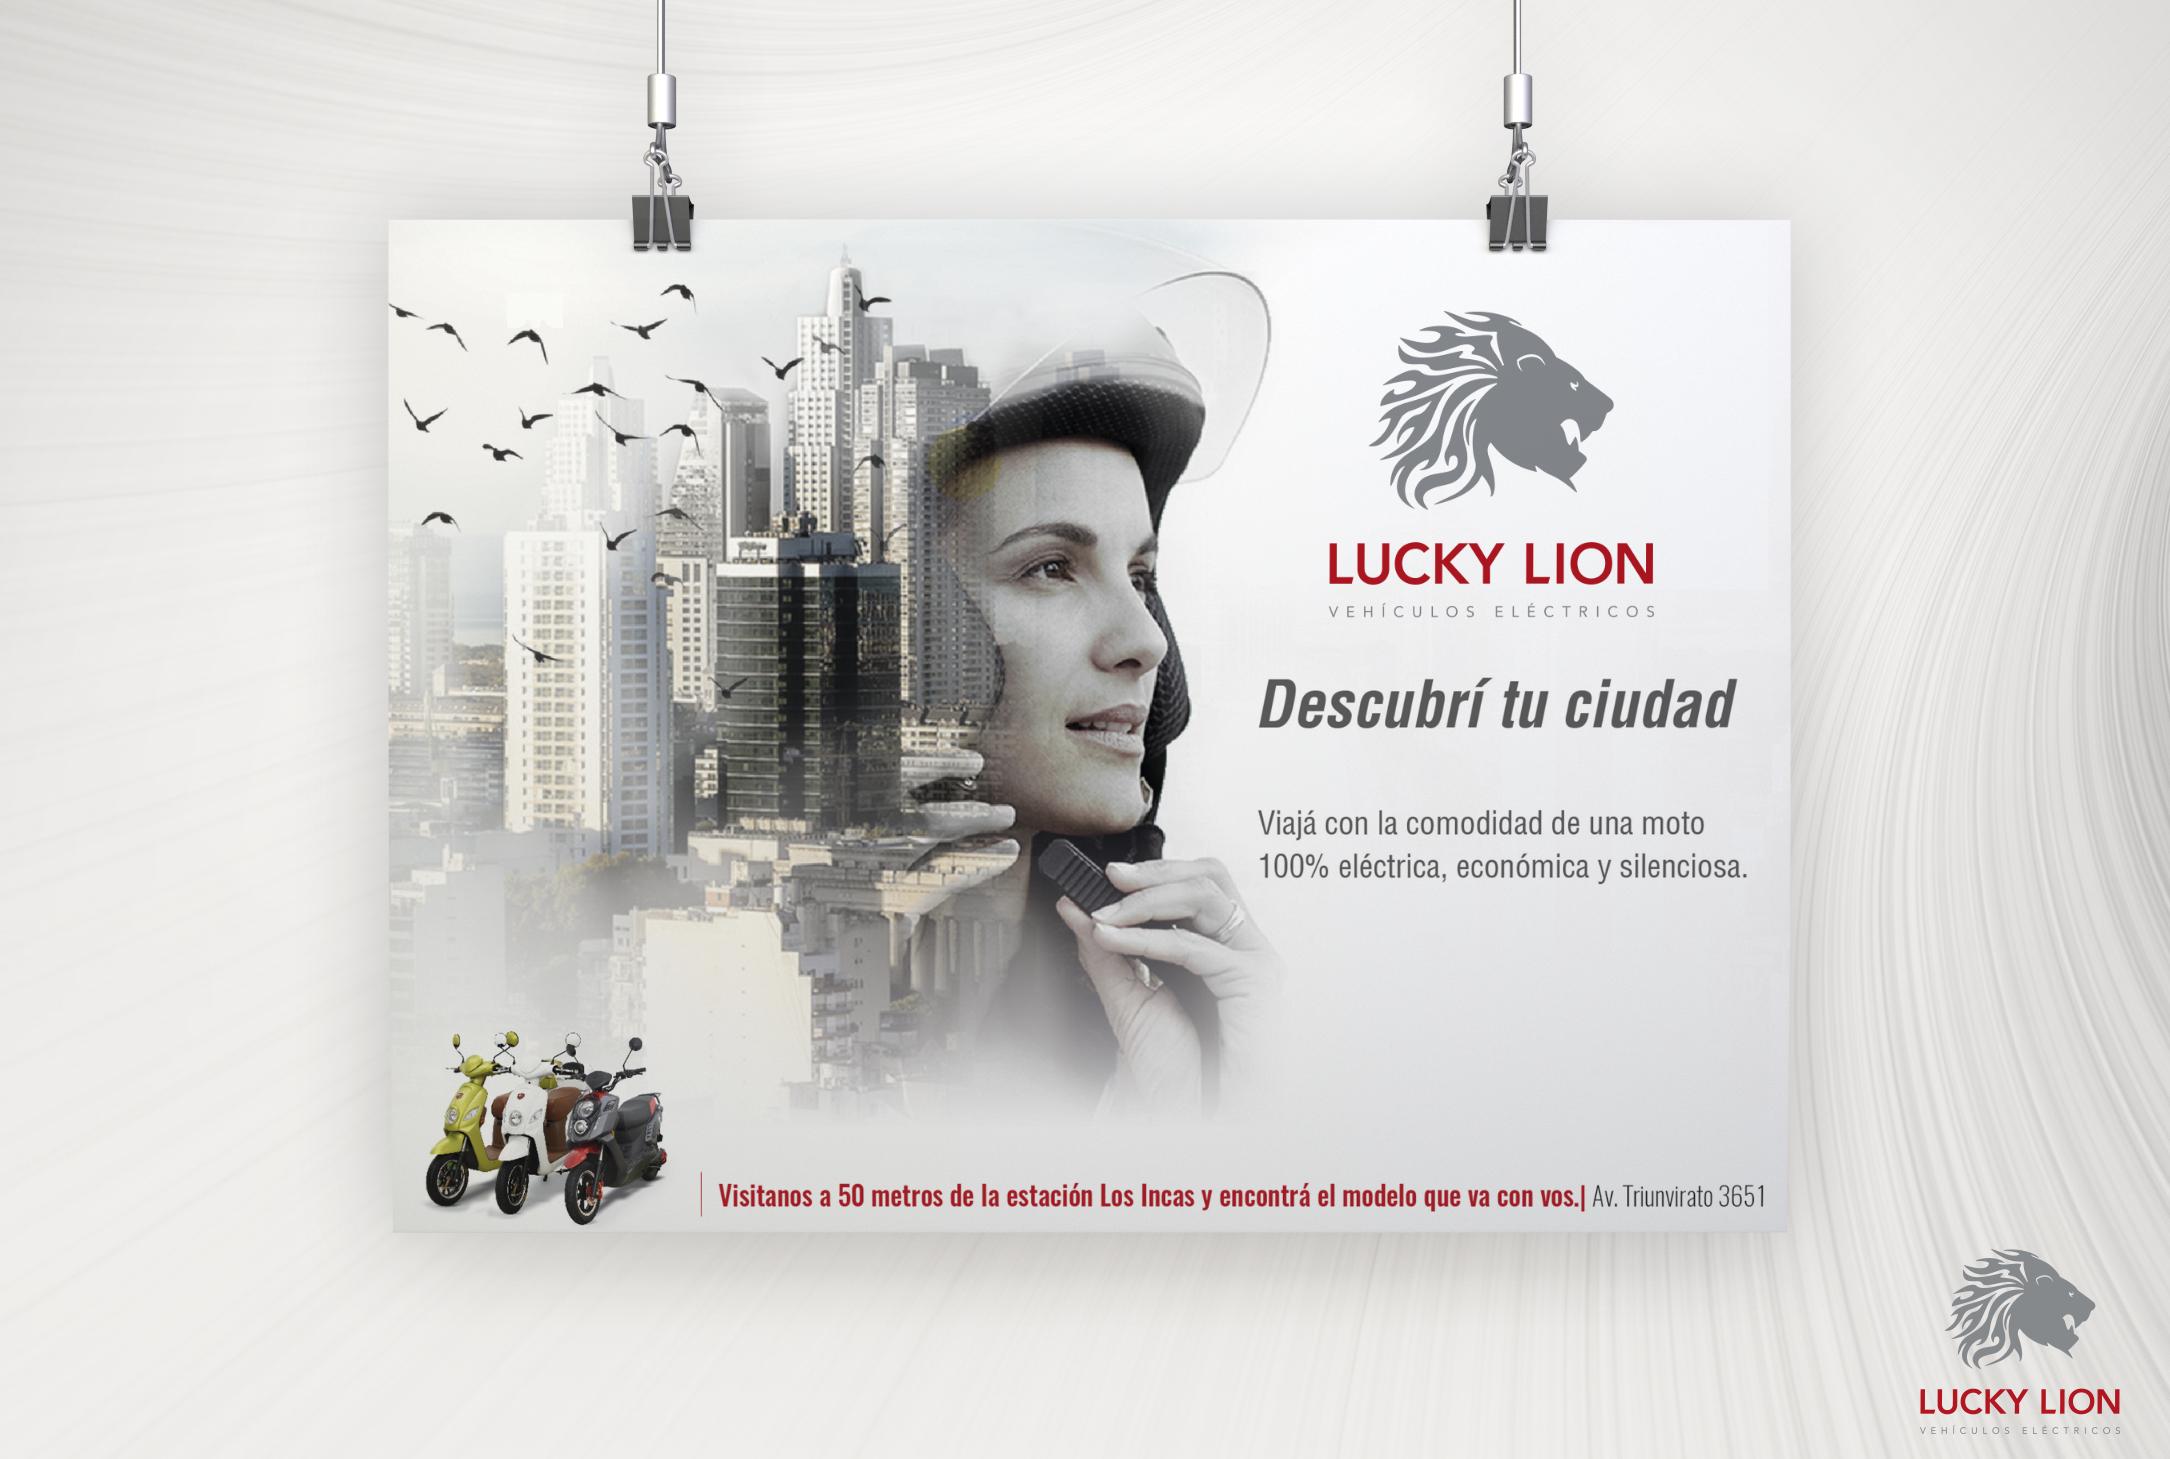 Lucky Lion – Vehículos Eléctricos